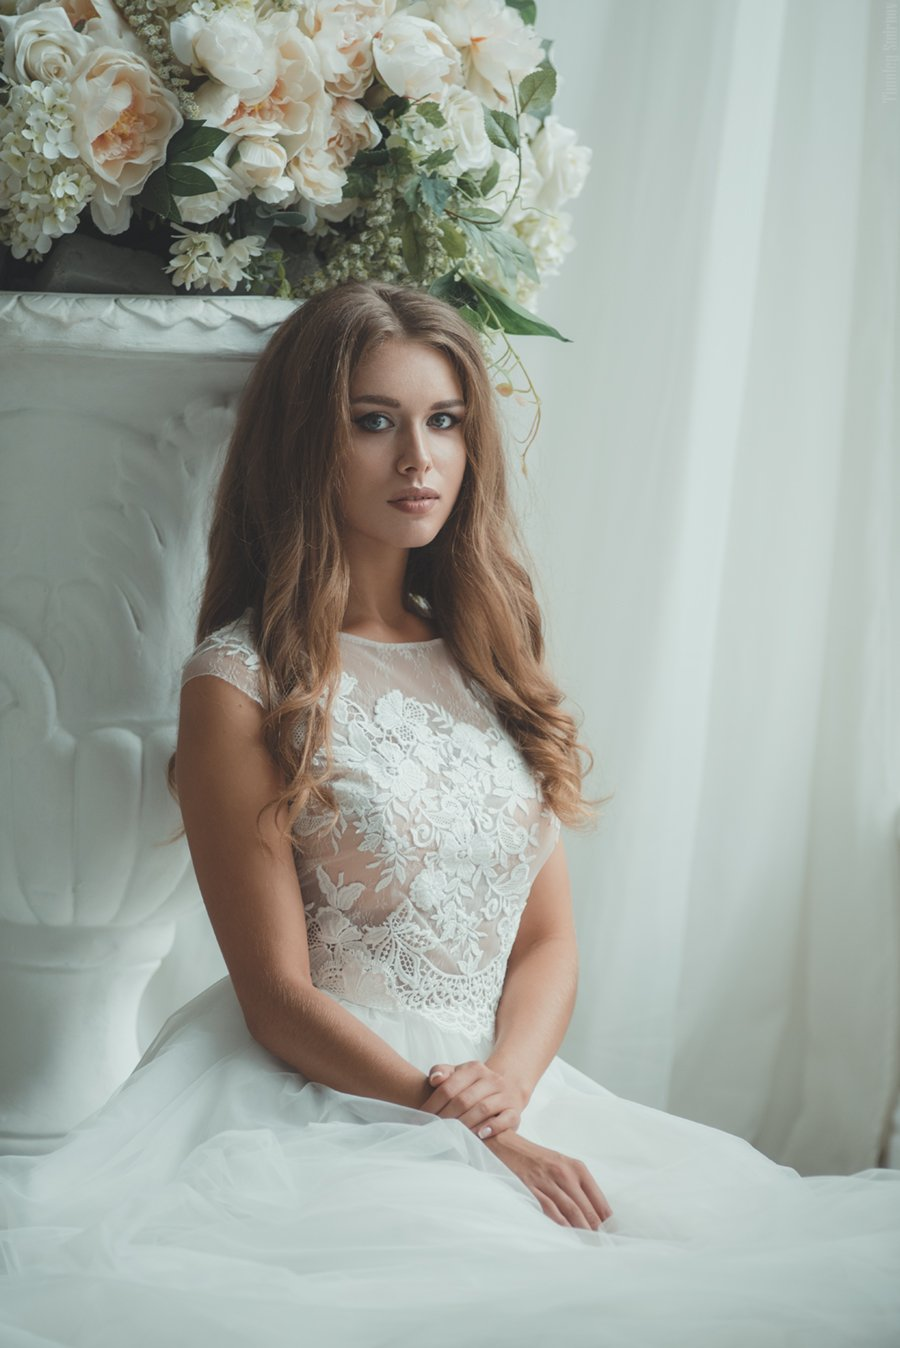 девушка, портрет, милая, cute, girl, portrait, окно, window, bride, невеста, Тимофей Смирнов